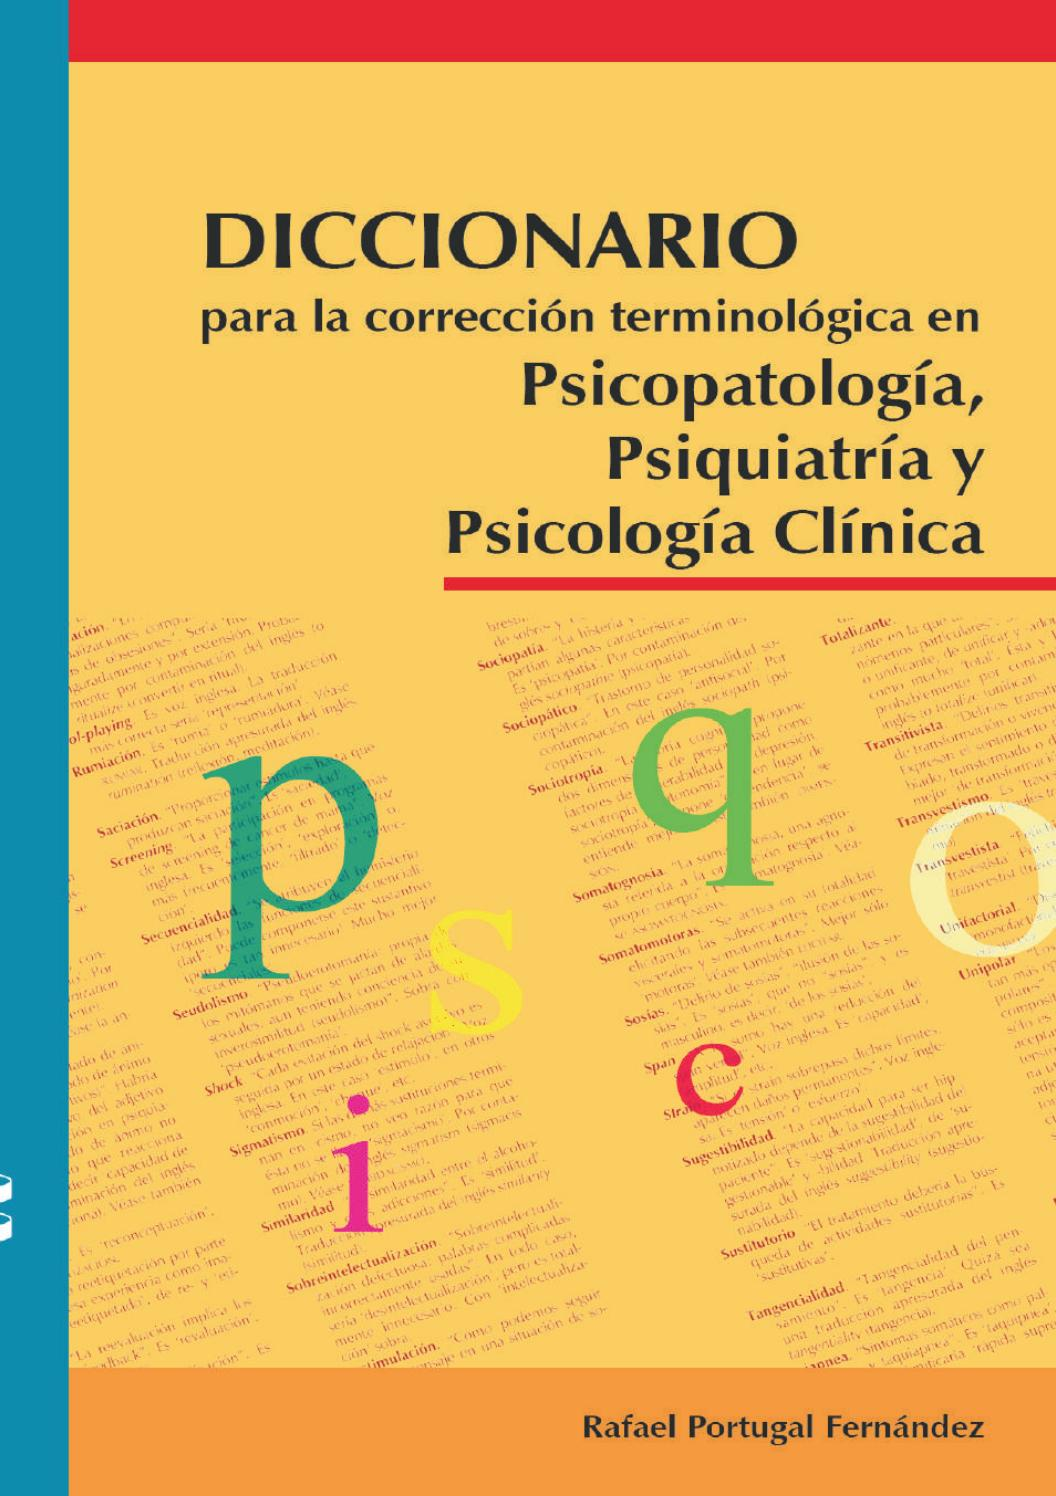 Diccionario para la corrección terminológica – Rafael Portugal Fernández